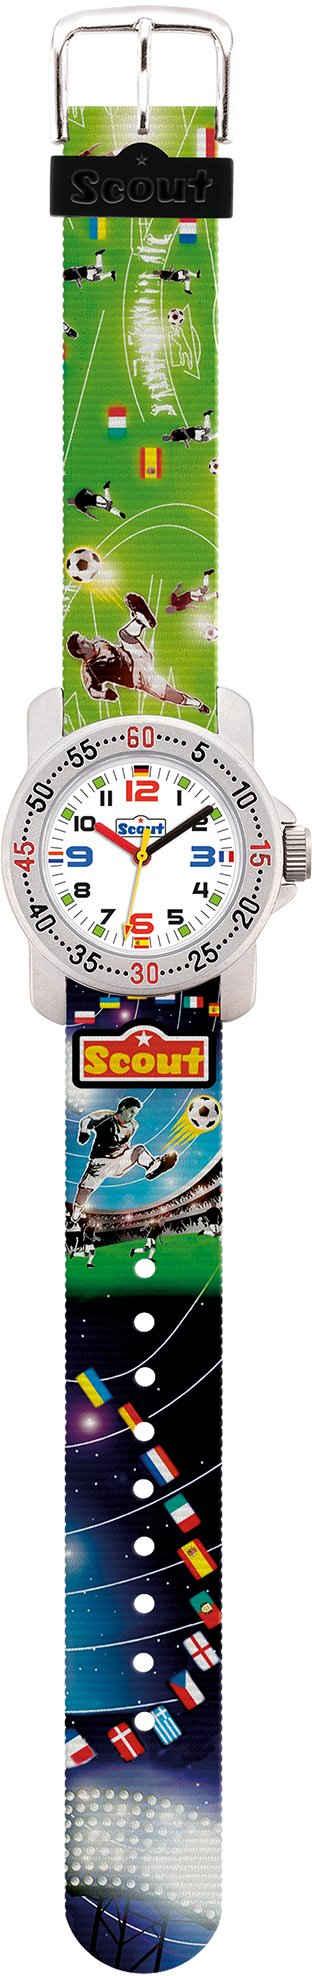 Scout Quarzuhr »Action Boys, 280376026«